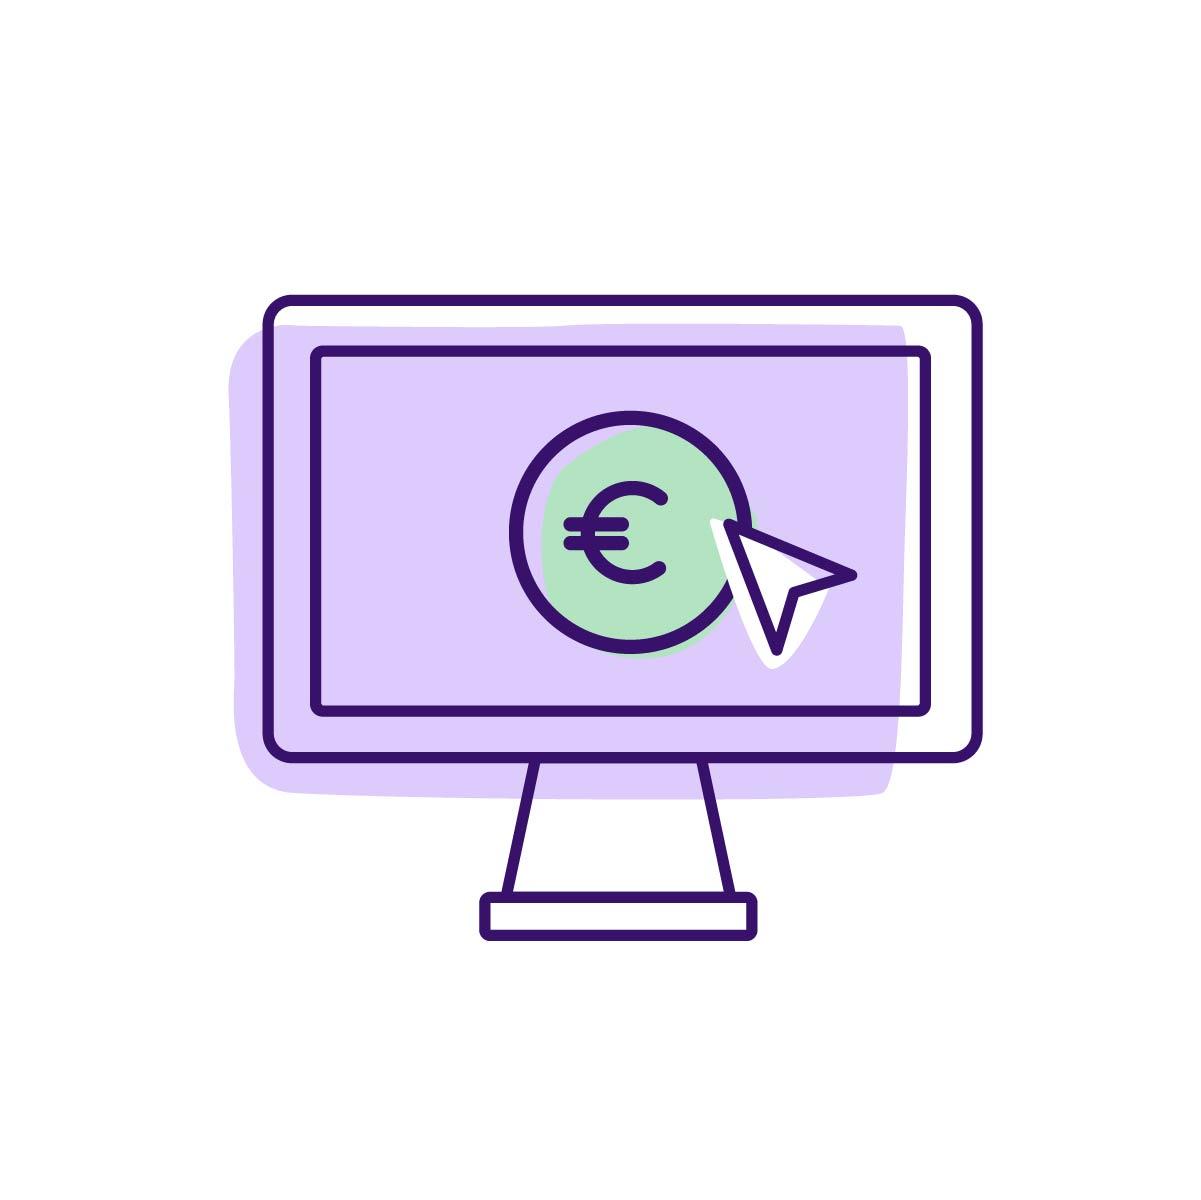 Konform mit der Österreichischen Registrierkassenverordnung